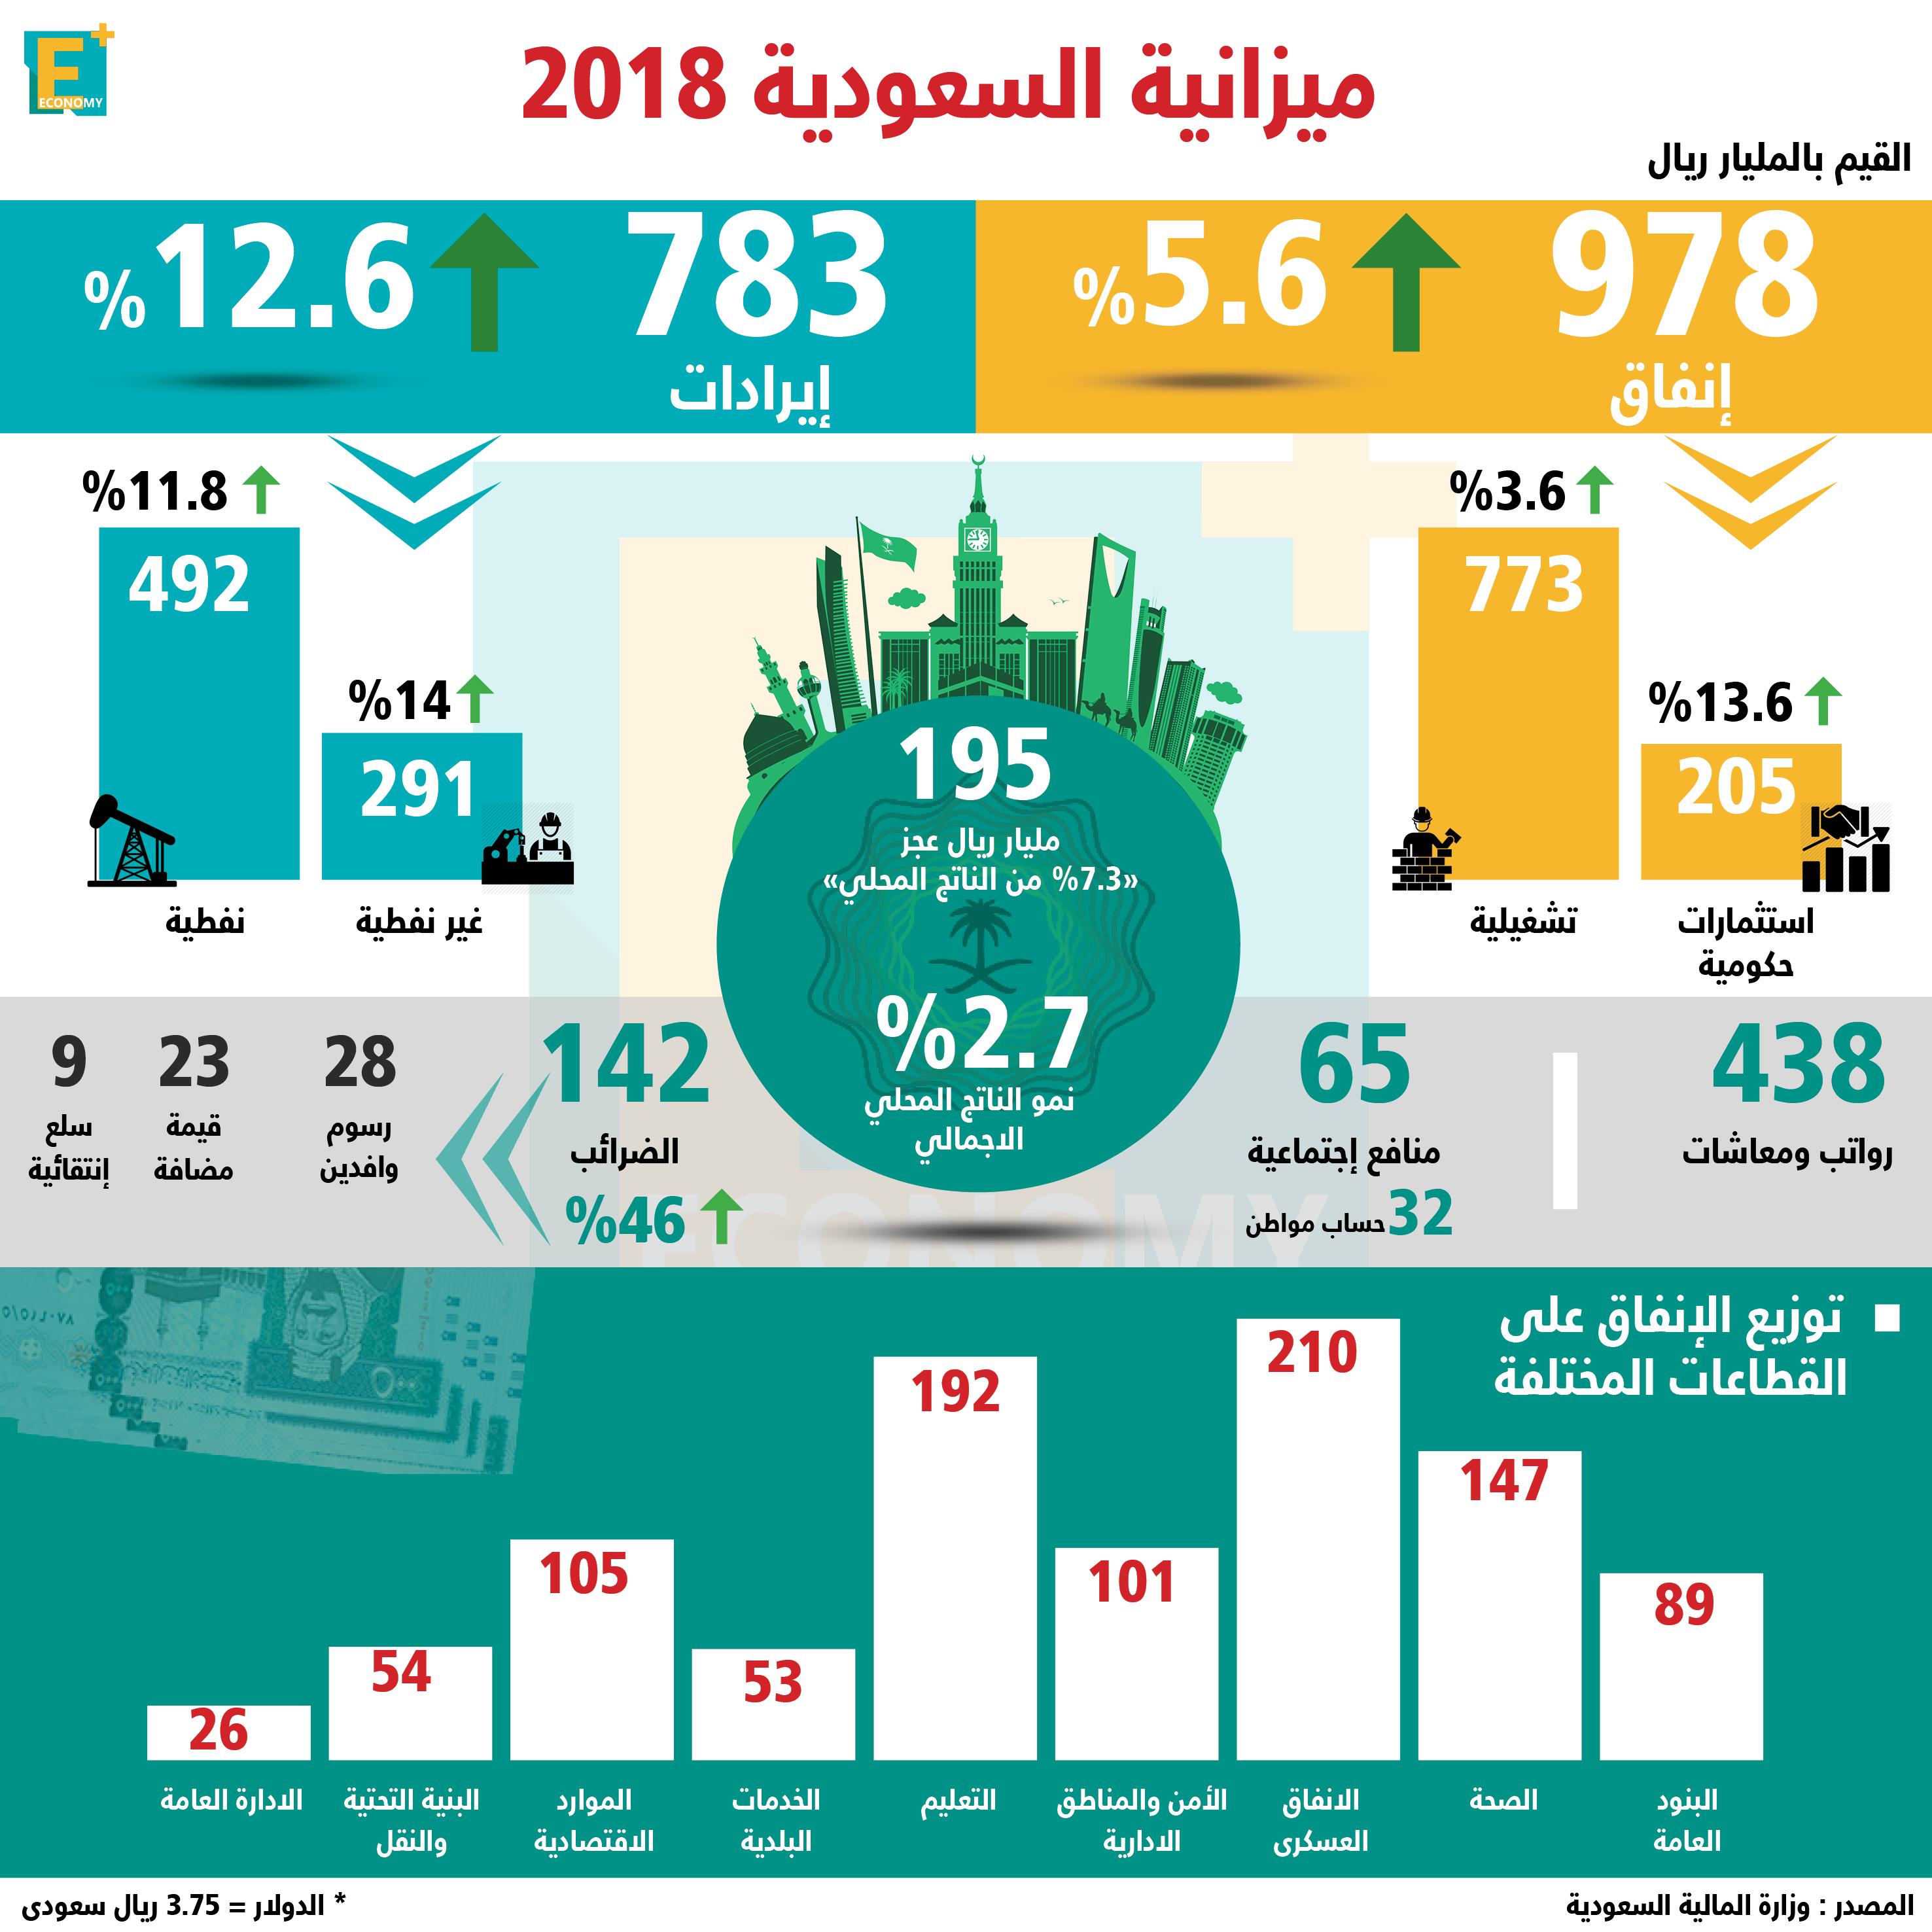 بالأرقام.. السعودية تقر ميزانية توسعية لعام ٢٠١٨